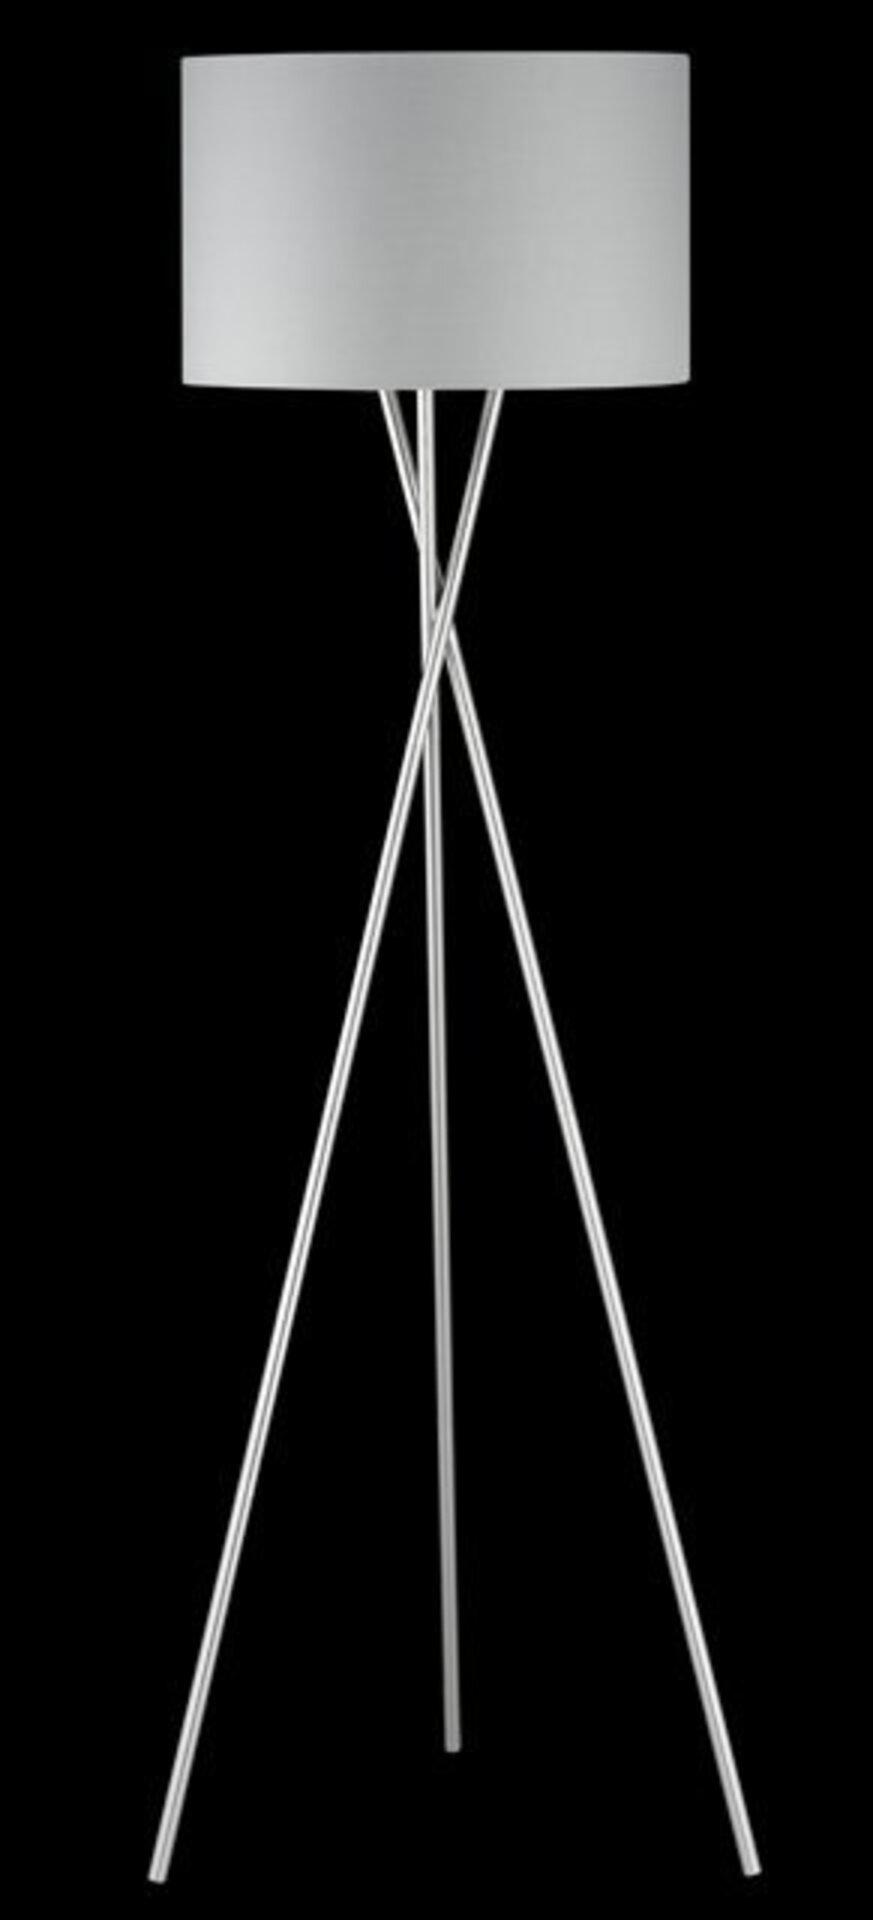 Stehleuchte Wotan Fischer-Honsel Metall 45 x 160 x 45 cm